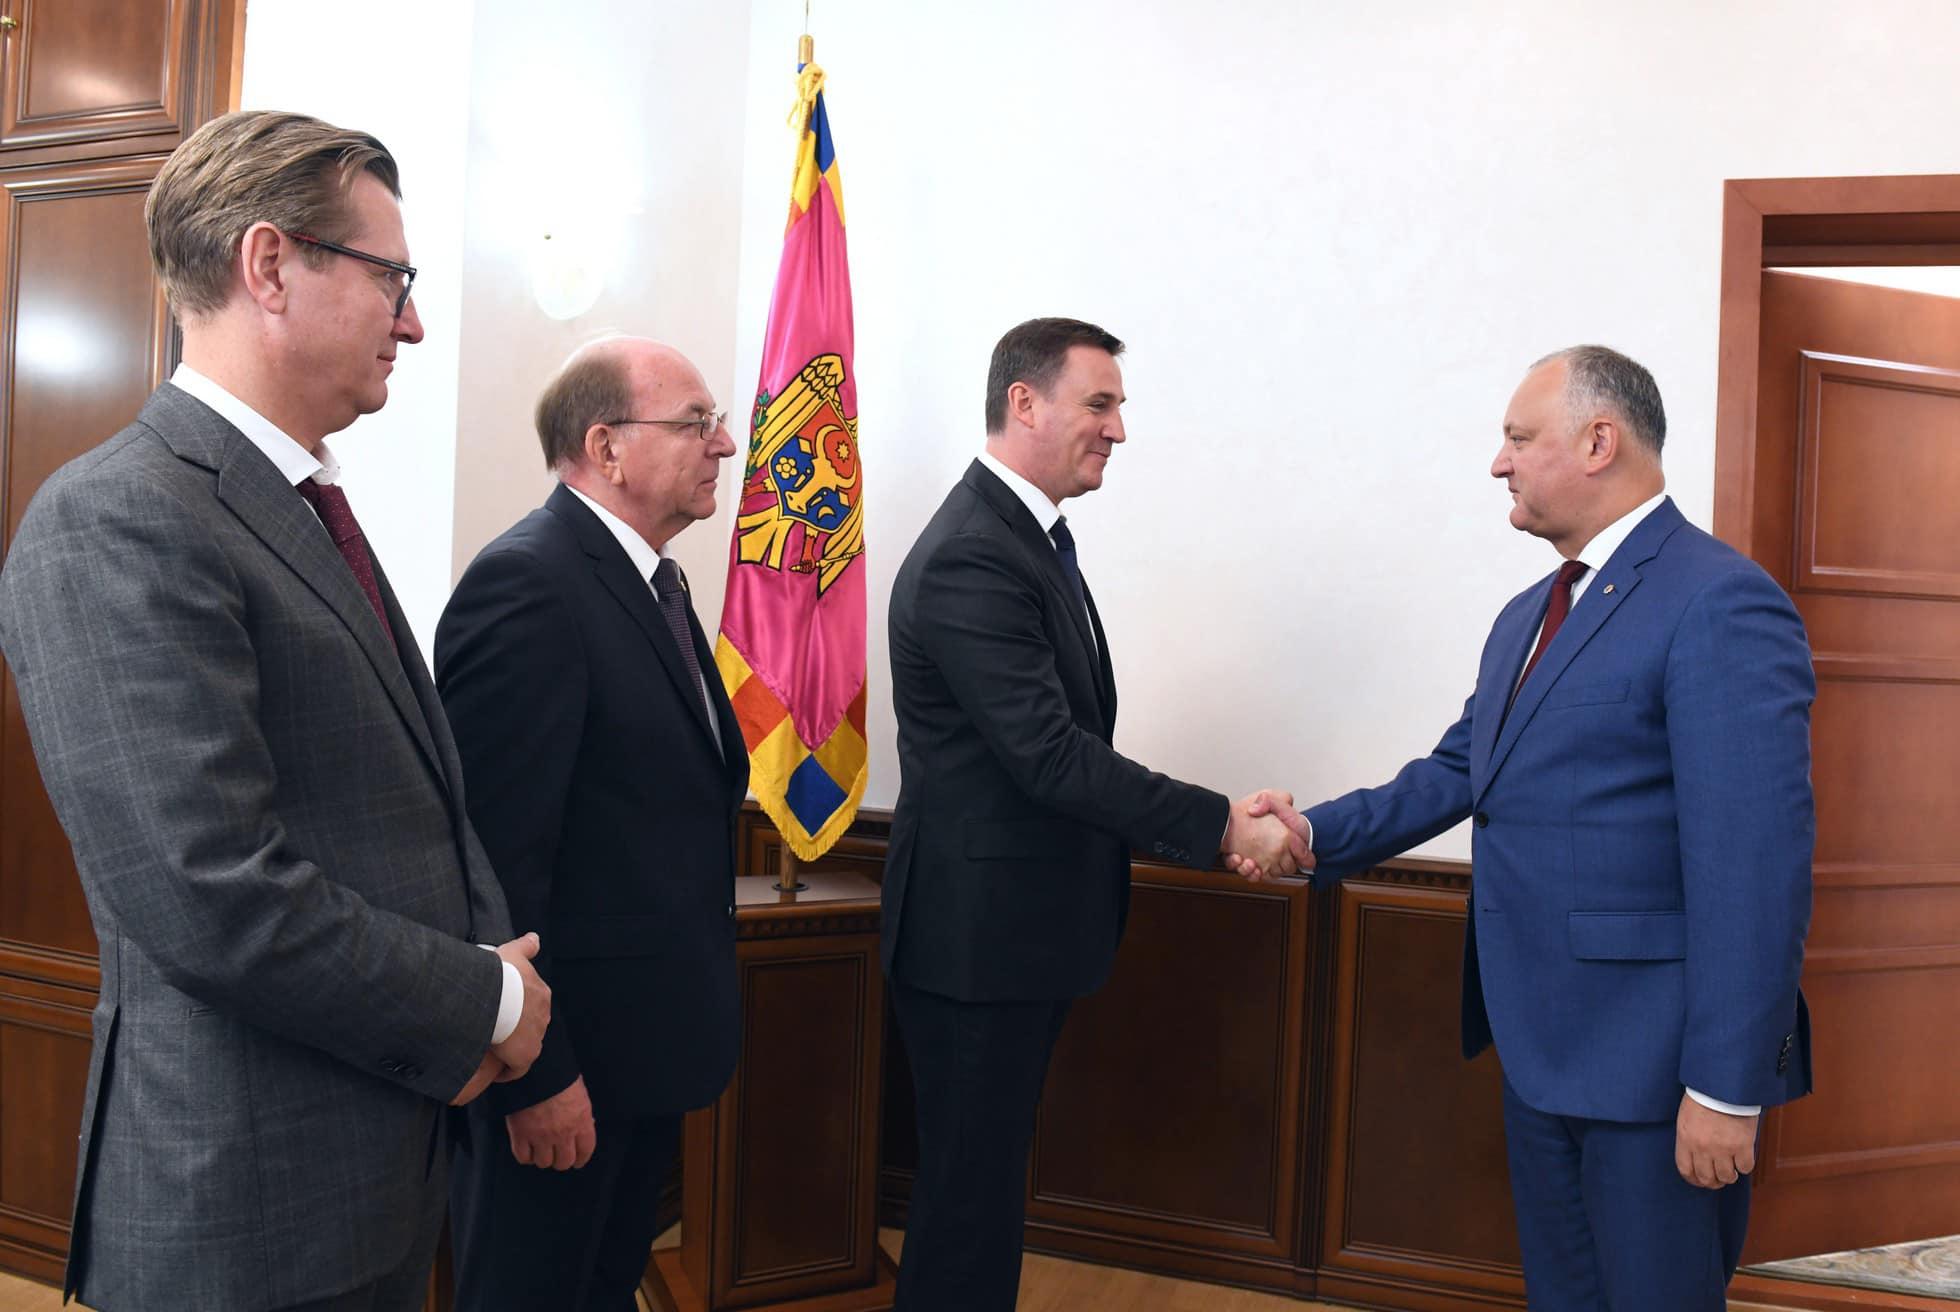 Встреча Додон – Патрушев: Президент выступил за восстановление полноформатного сотрудничества Молдовы и России (ФОТО, ВИДЕО)